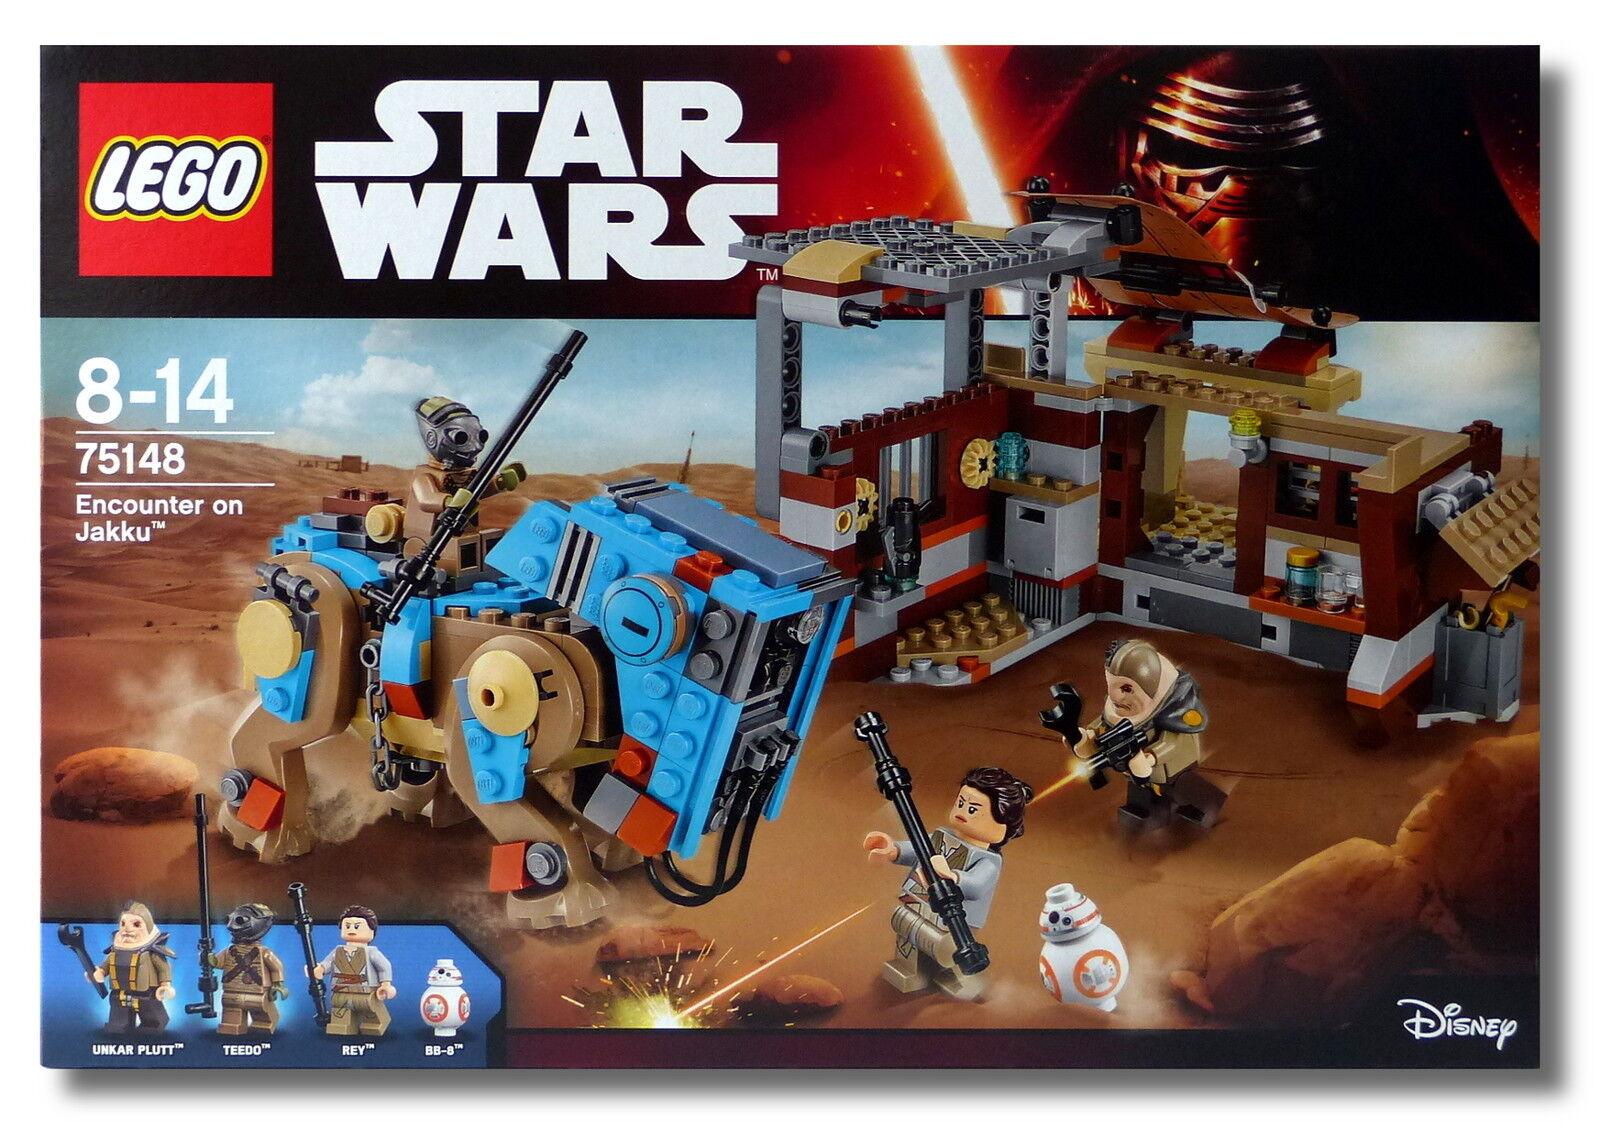 Lego Lego Lego ® Star Wars ™ 75148 Encounter on Jakku ™ rey bb-8 nuevo en el embalaje original New misb  diseñador en linea